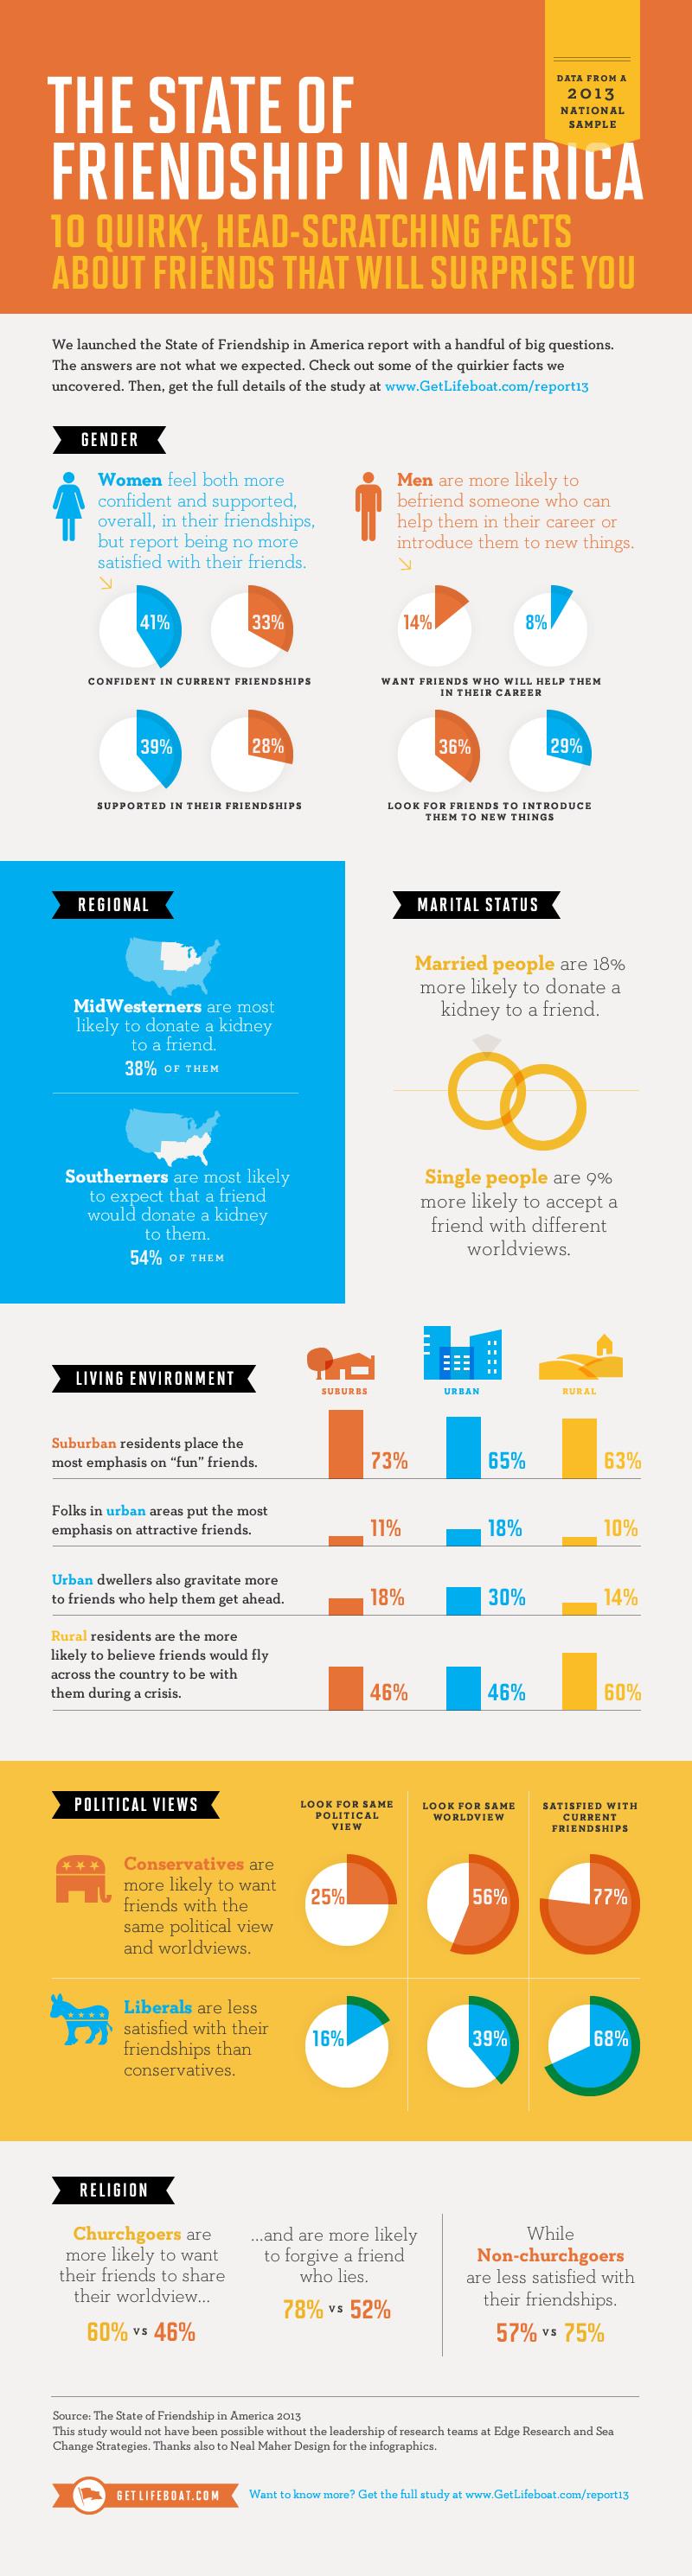 Friendship in America Statistics